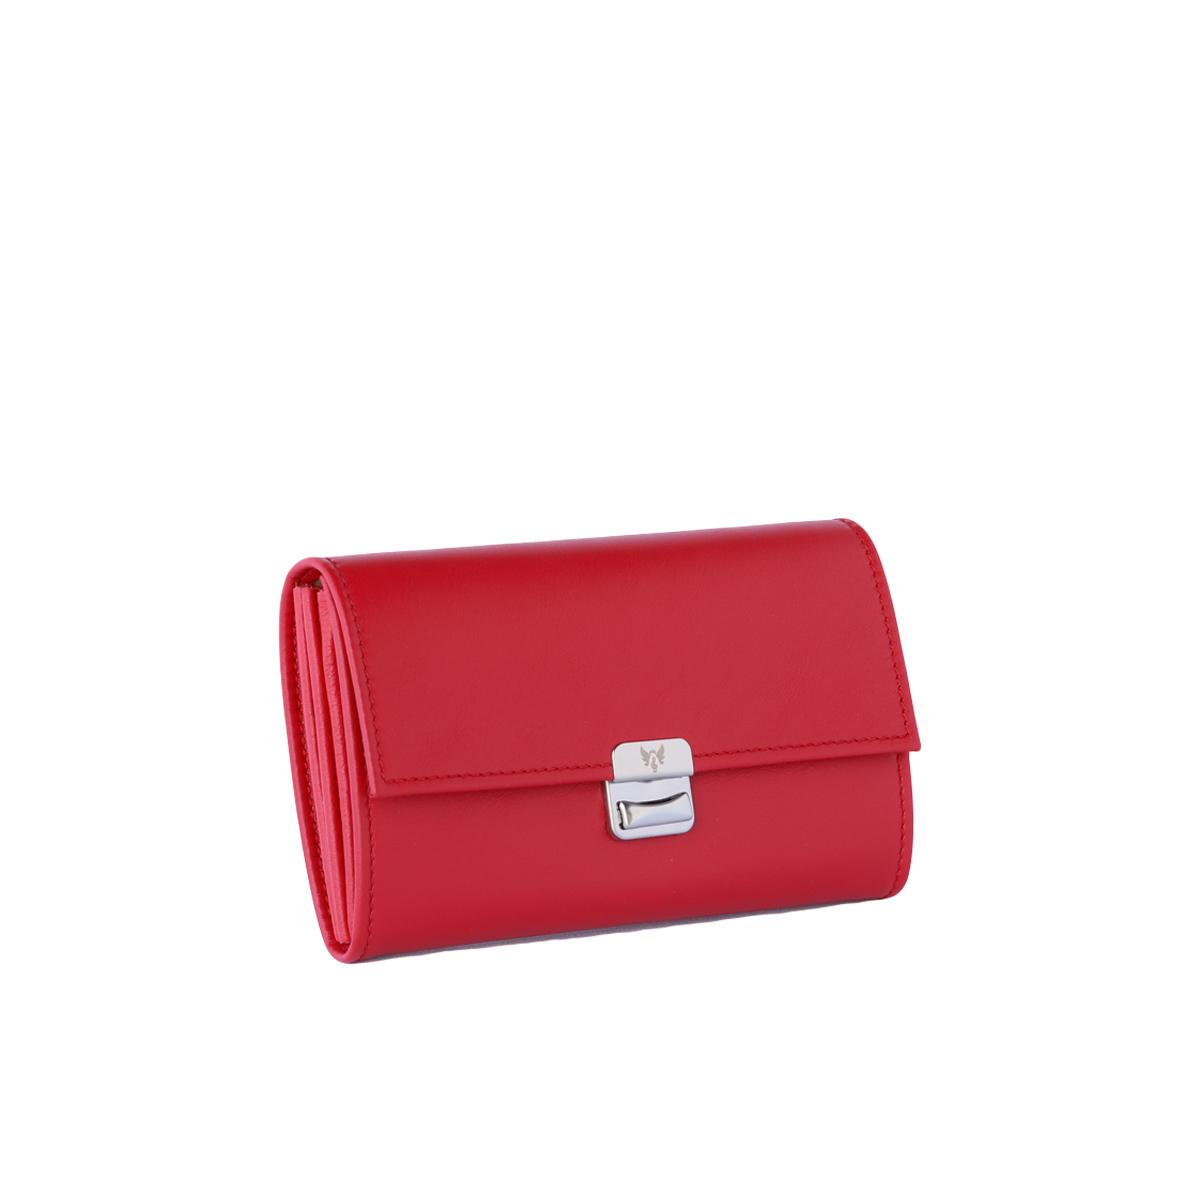 Leder Portemonnaie Santa Red M